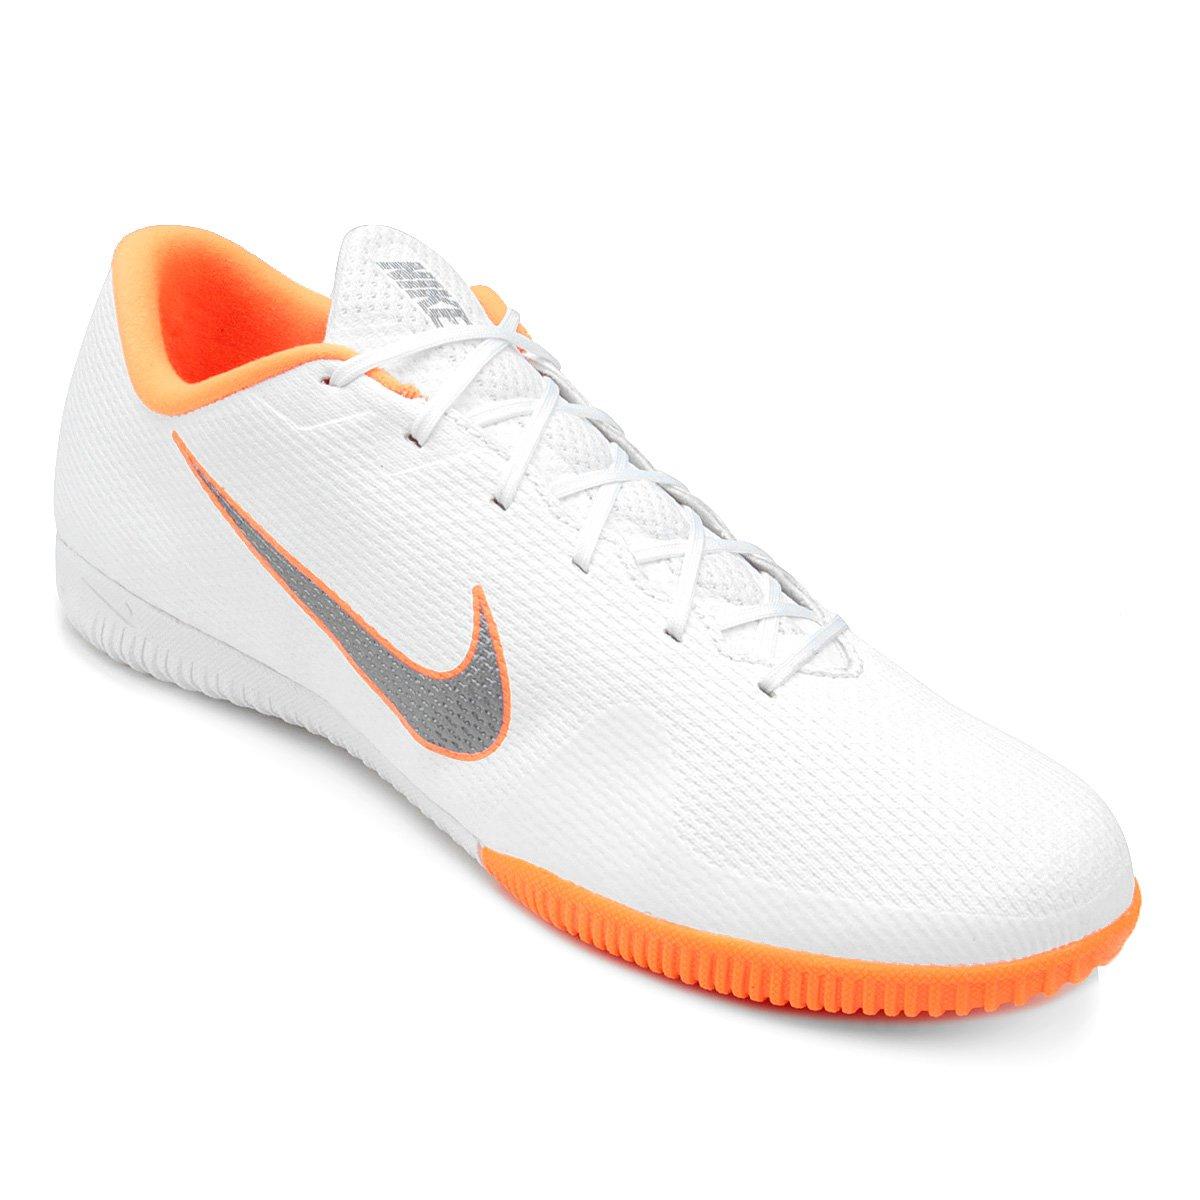 8d61cc38fc740 Chuteira Futsal Nike Mercurial Vapor 12 Academy - Branco e Cinza - Compre  Agora